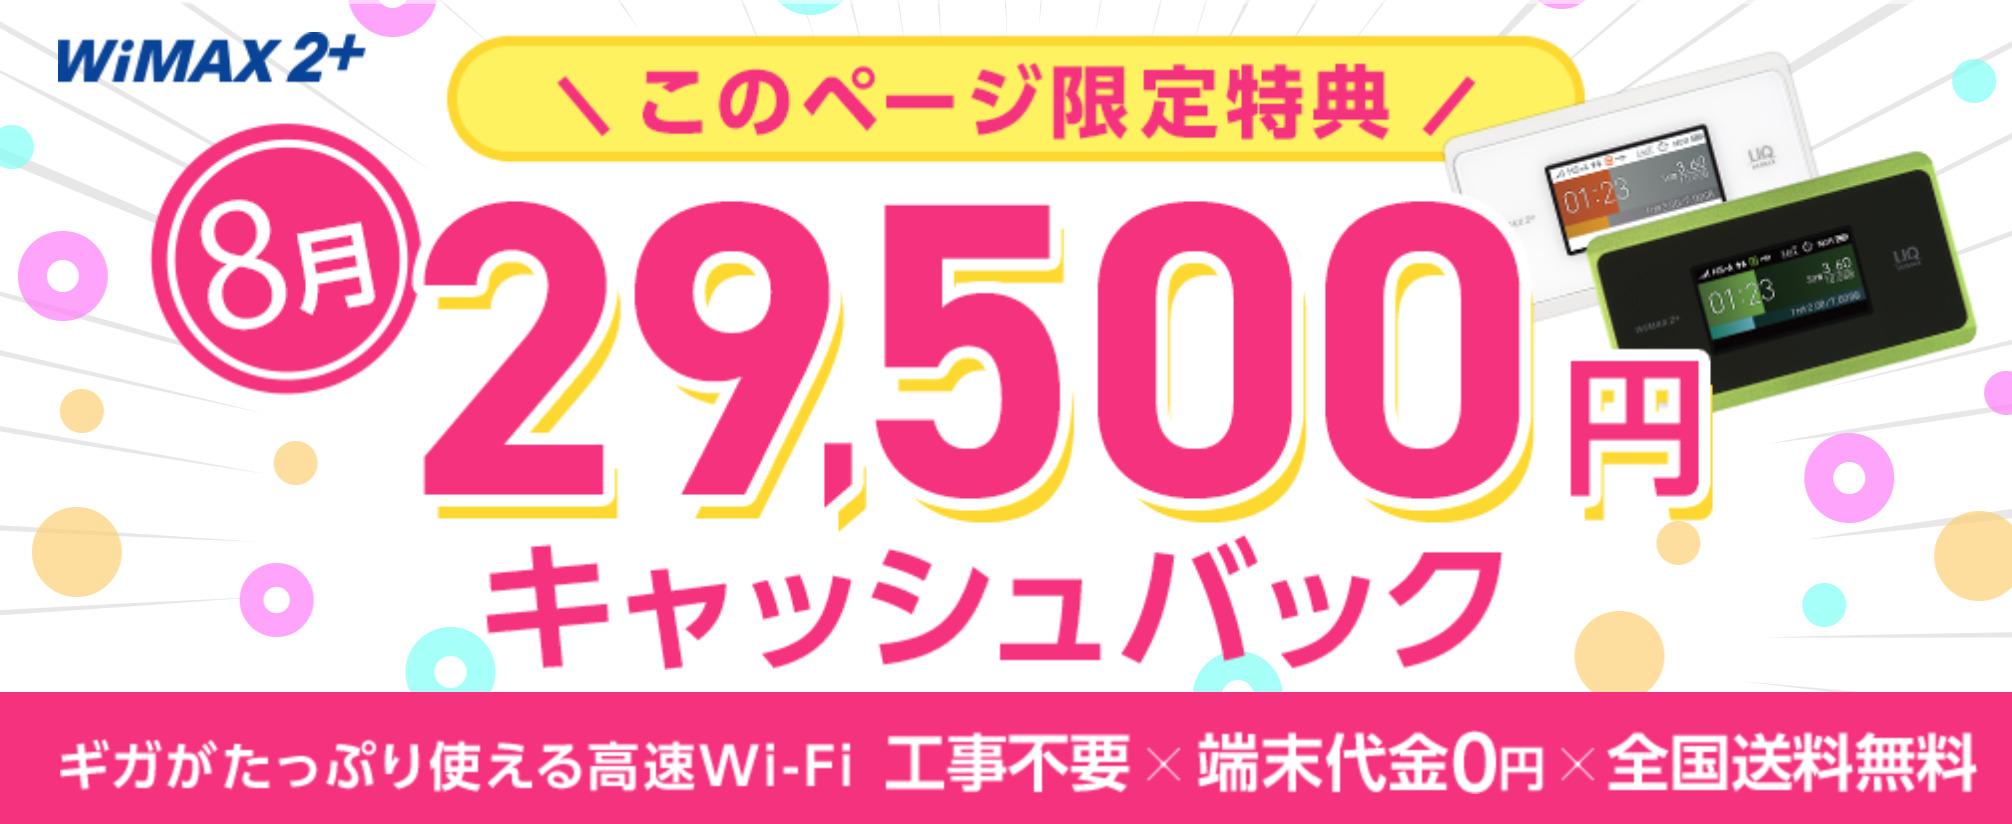 GMO WiMAXキャッシュバックキャンペーン画像 8月29,500円